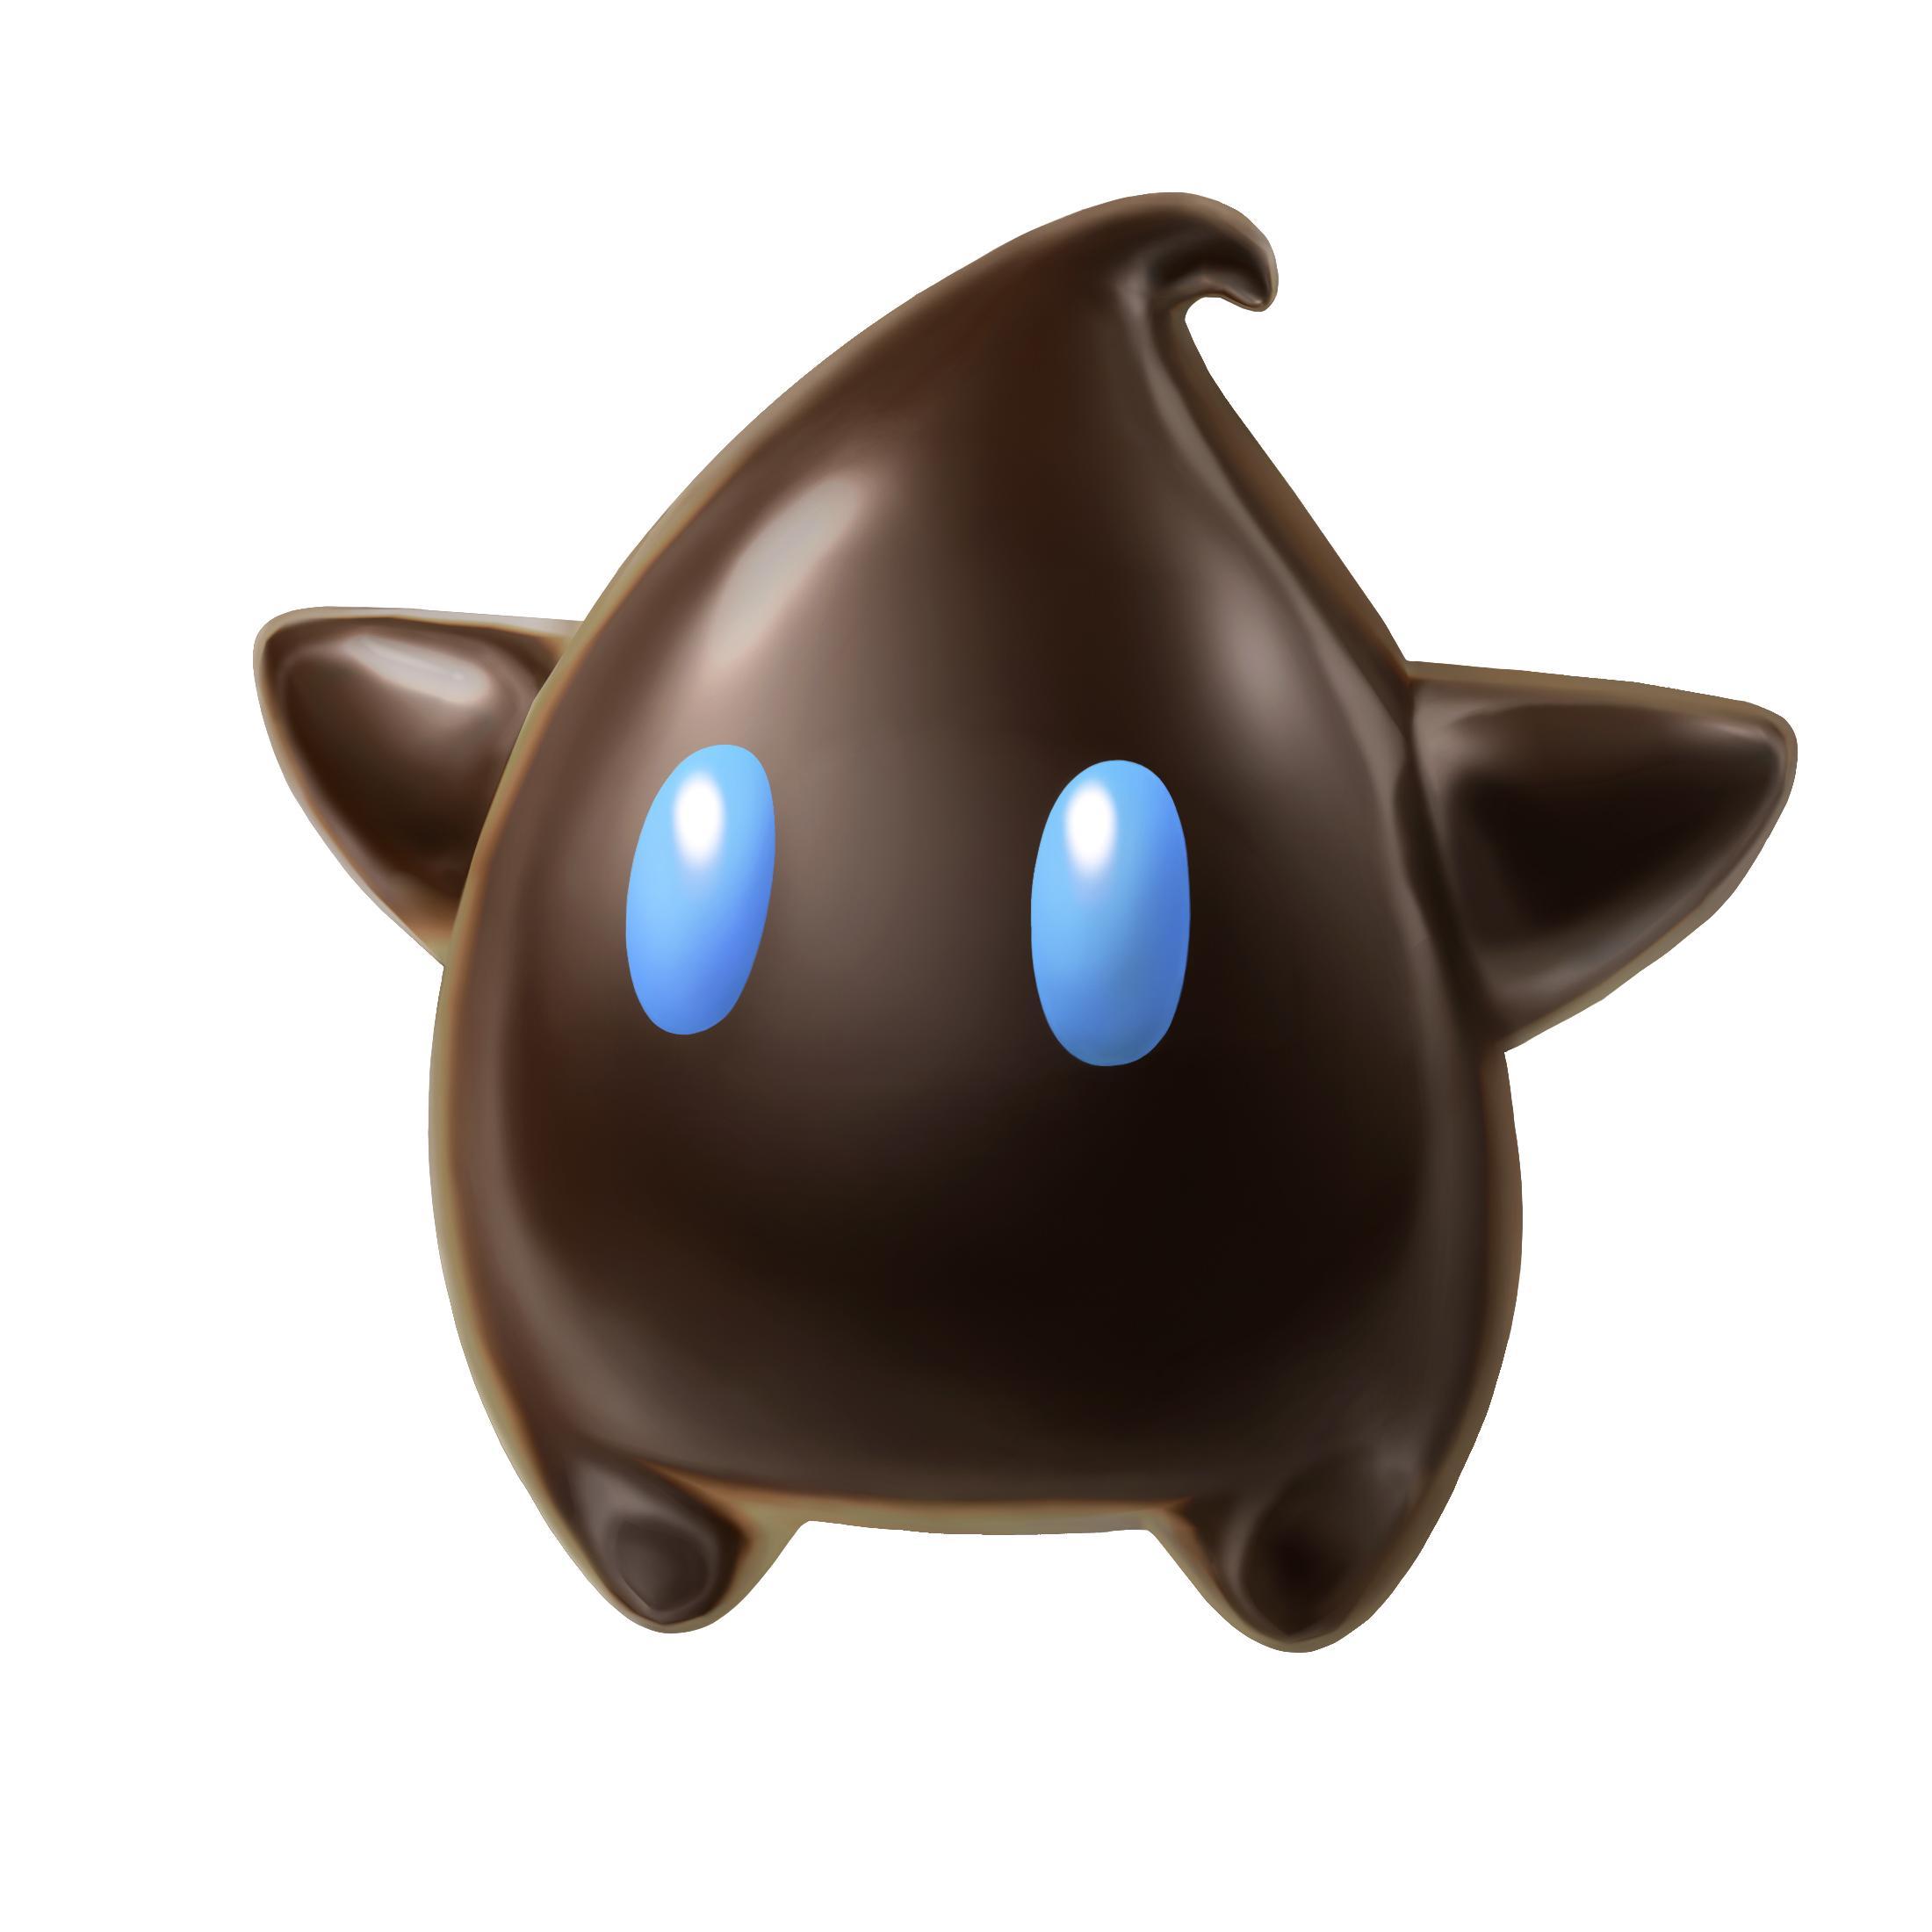 Super Mario Galaxy Wii Artwork Including Mario Lumas